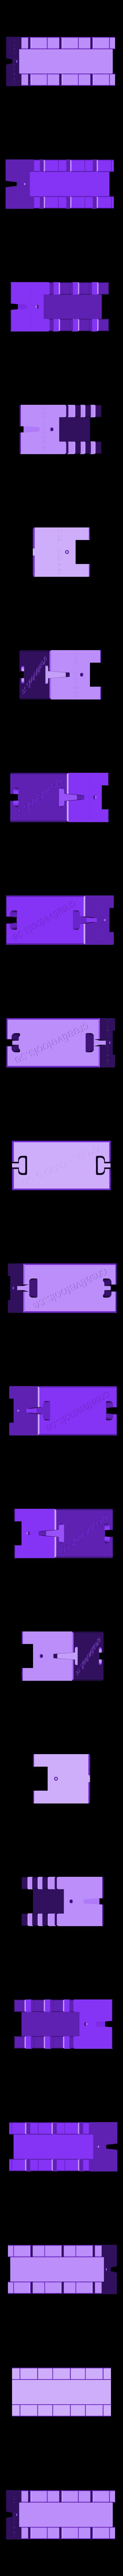 Wall_Large_Modular_Castle_Playset_-_3D-printable_By_CreativeTools.se.stl Télécharger fichier STL gratuit Plateau modulaire de château (imprimable en 3D) • Modèle à imprimer en 3D, CreativeTools